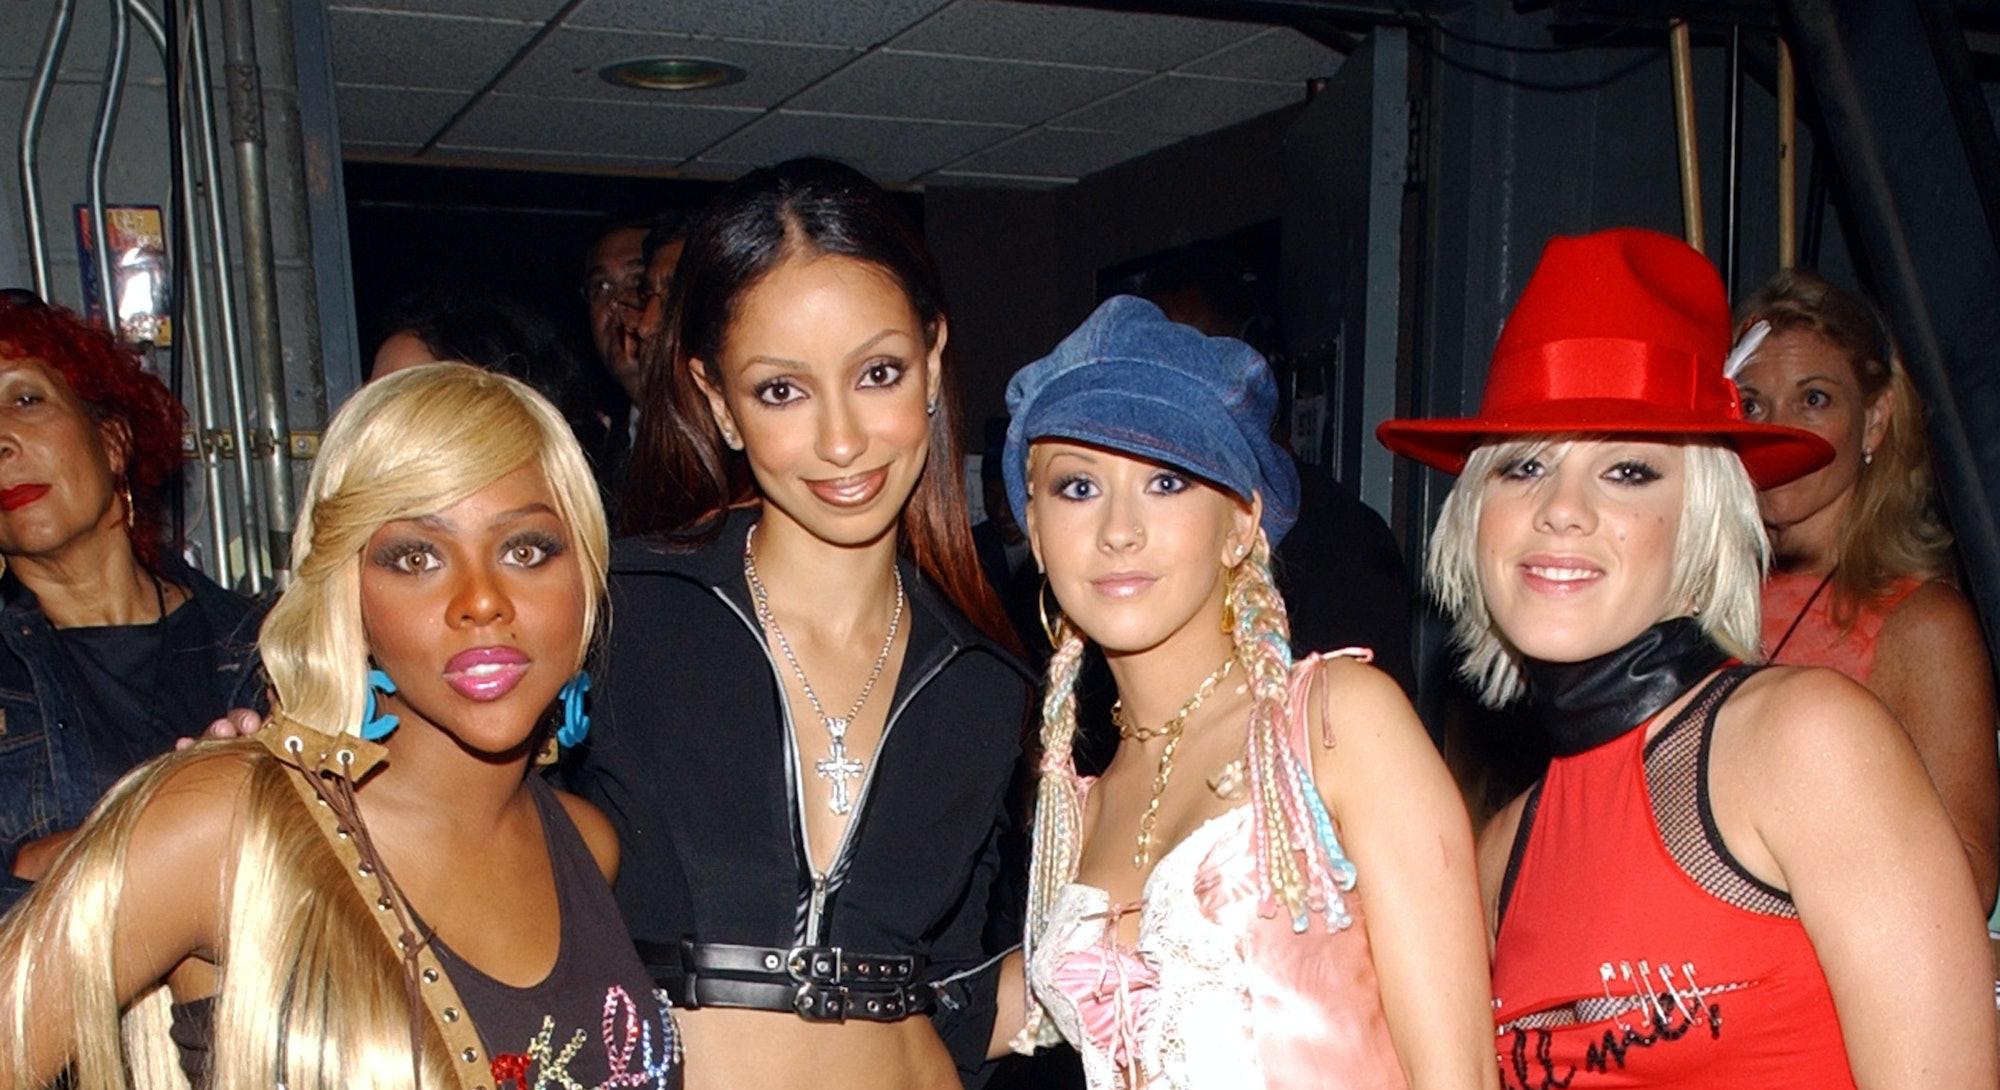 Lil Kim, Mya, Christina Aguilera, and Pink at the 2001 MTV VMAs